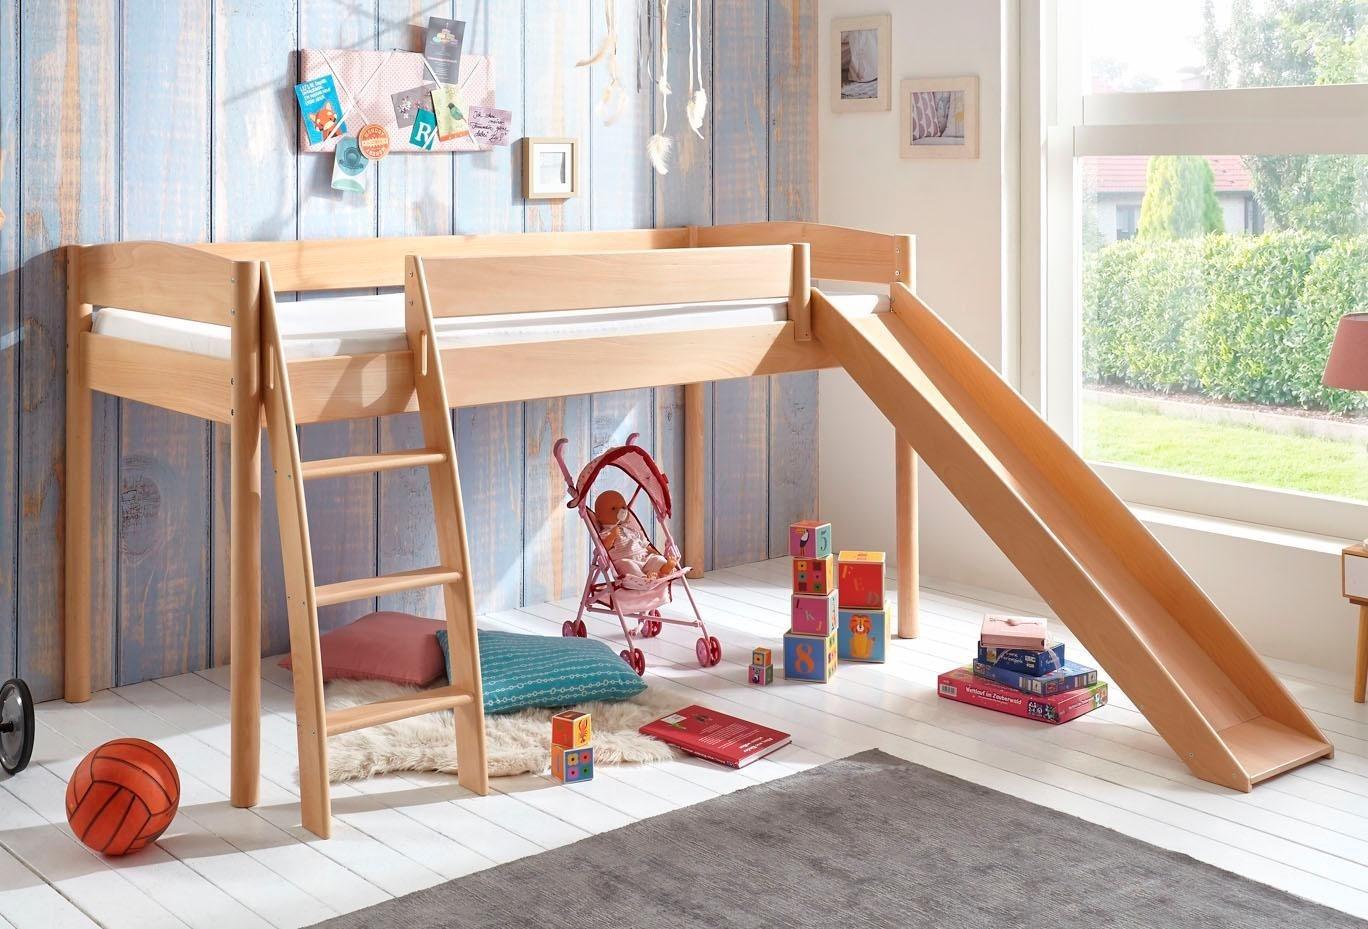 Relita Hochbett »Michelle« mit runden Bettpfosten und Rutsche, Buche massiv